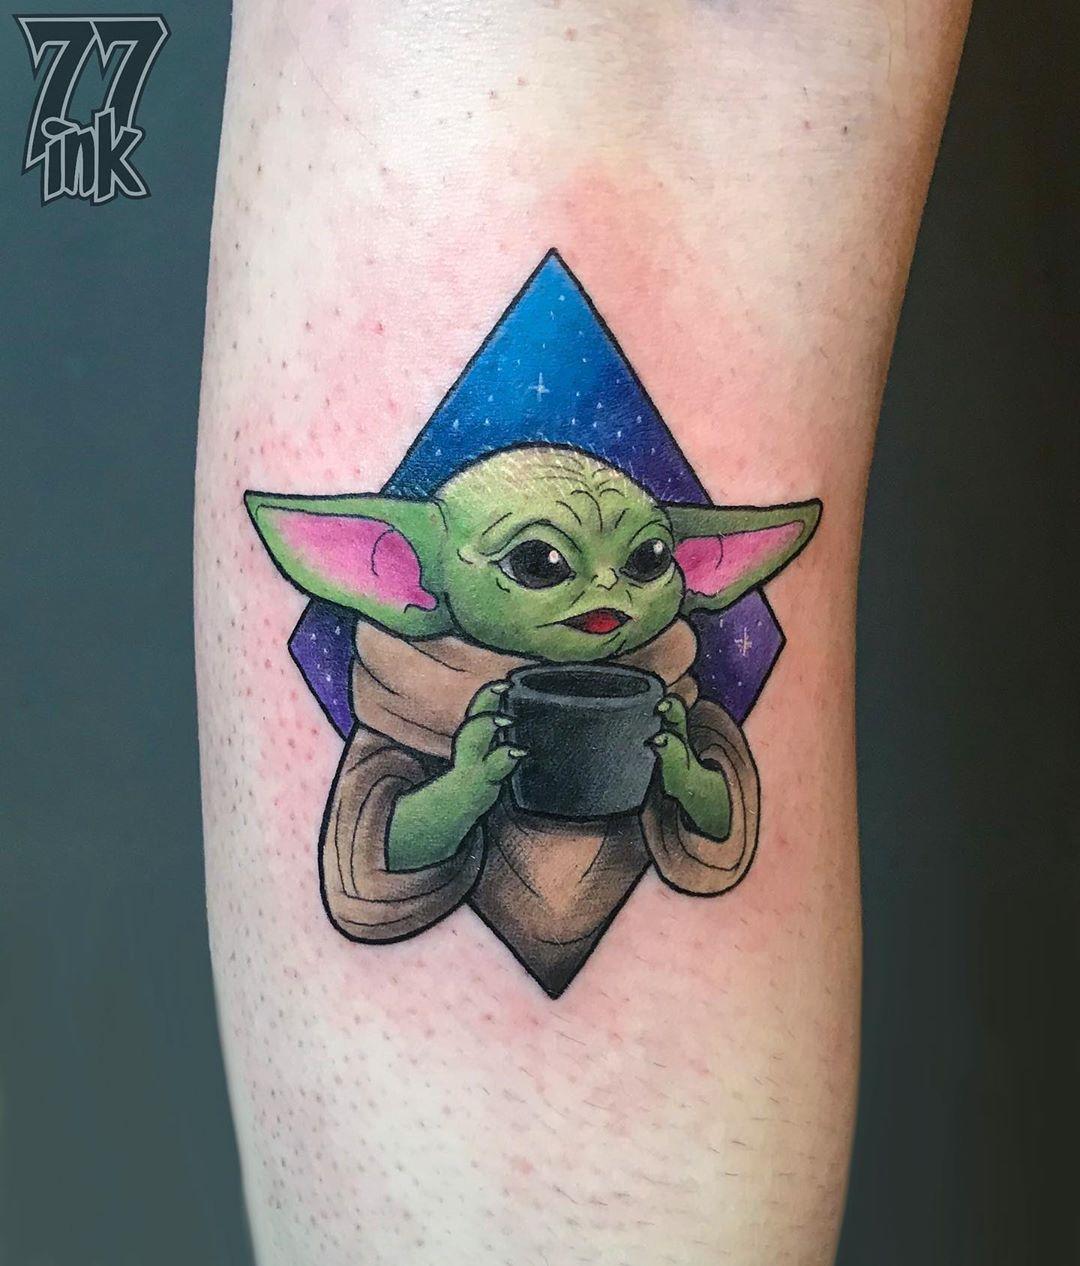 izabela.baginska.tatuaze